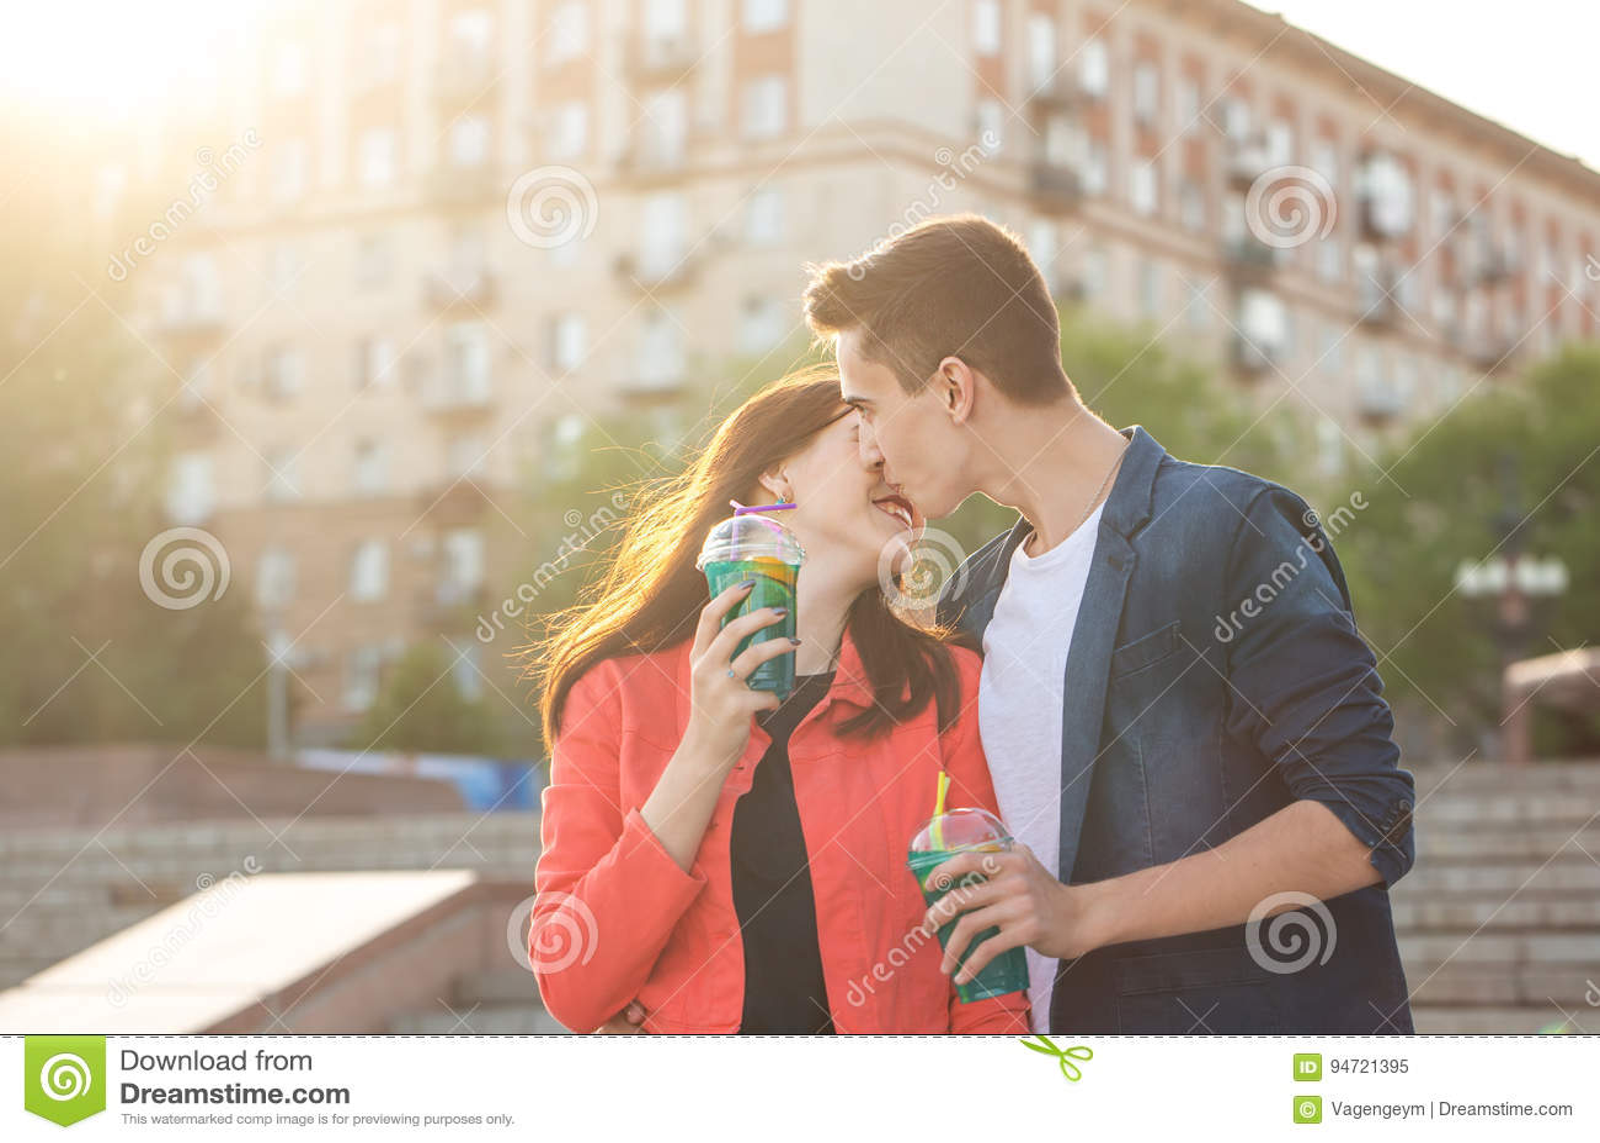 Gute kostenlose Dating-Apps